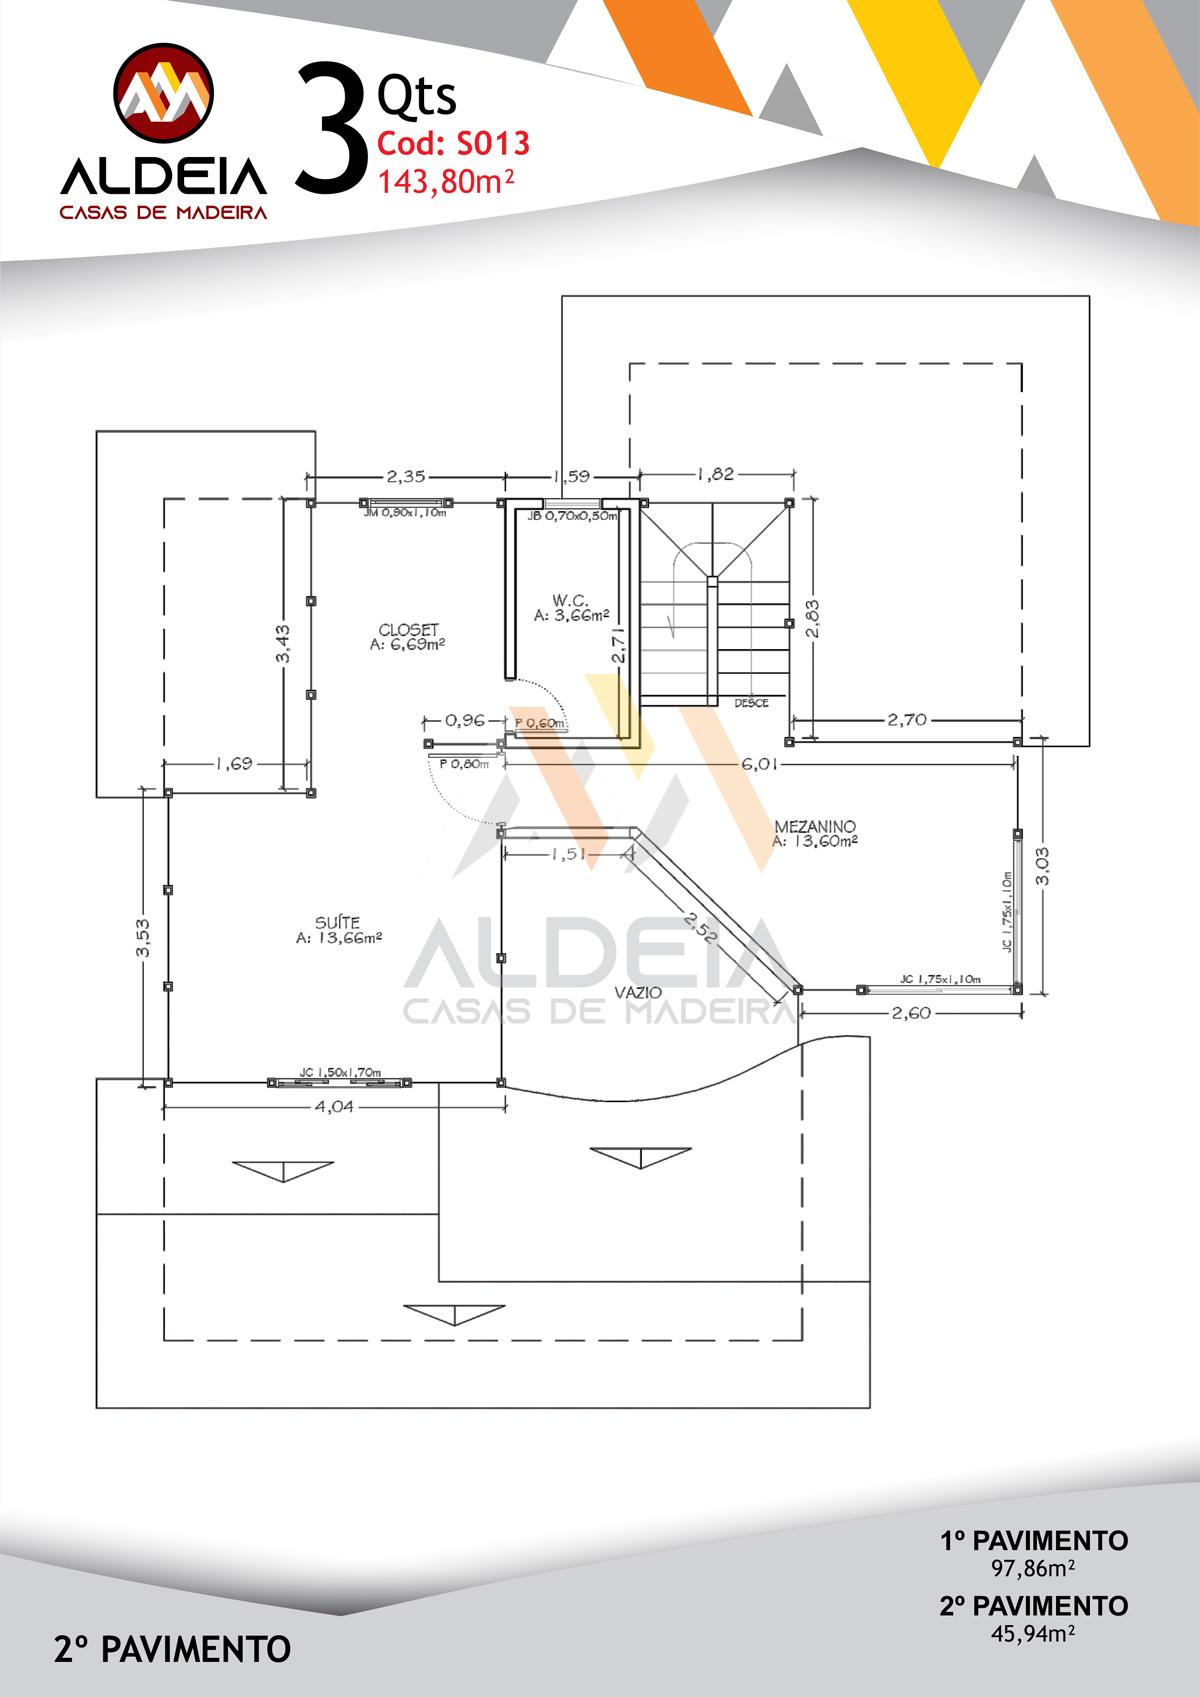 aldeia-casas-madeira-arquitetura-S013-2